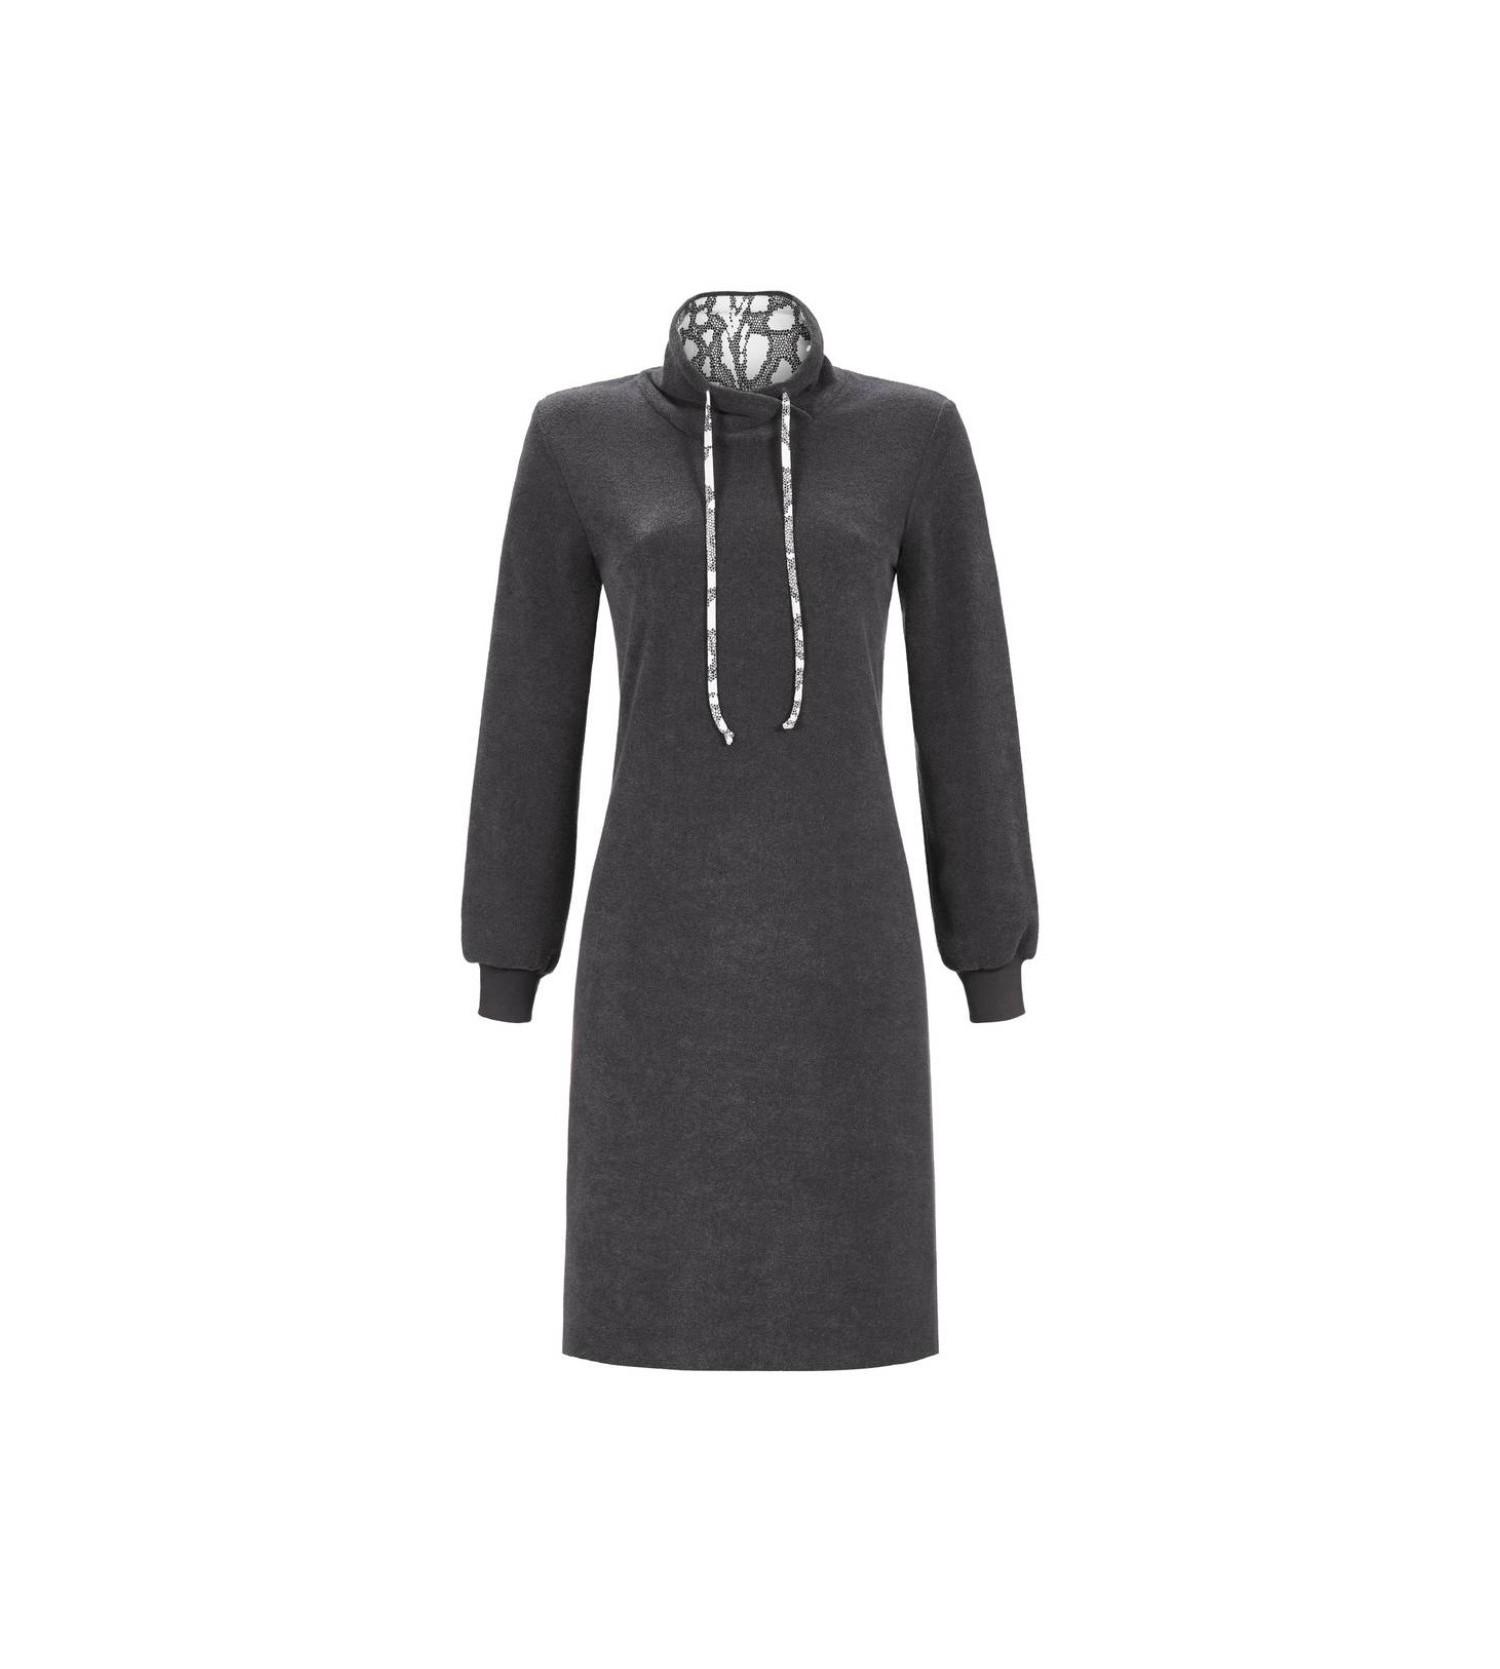 robe d 39 int rieur longue en ponge anthracite ch rie line. Black Bedroom Furniture Sets. Home Design Ideas